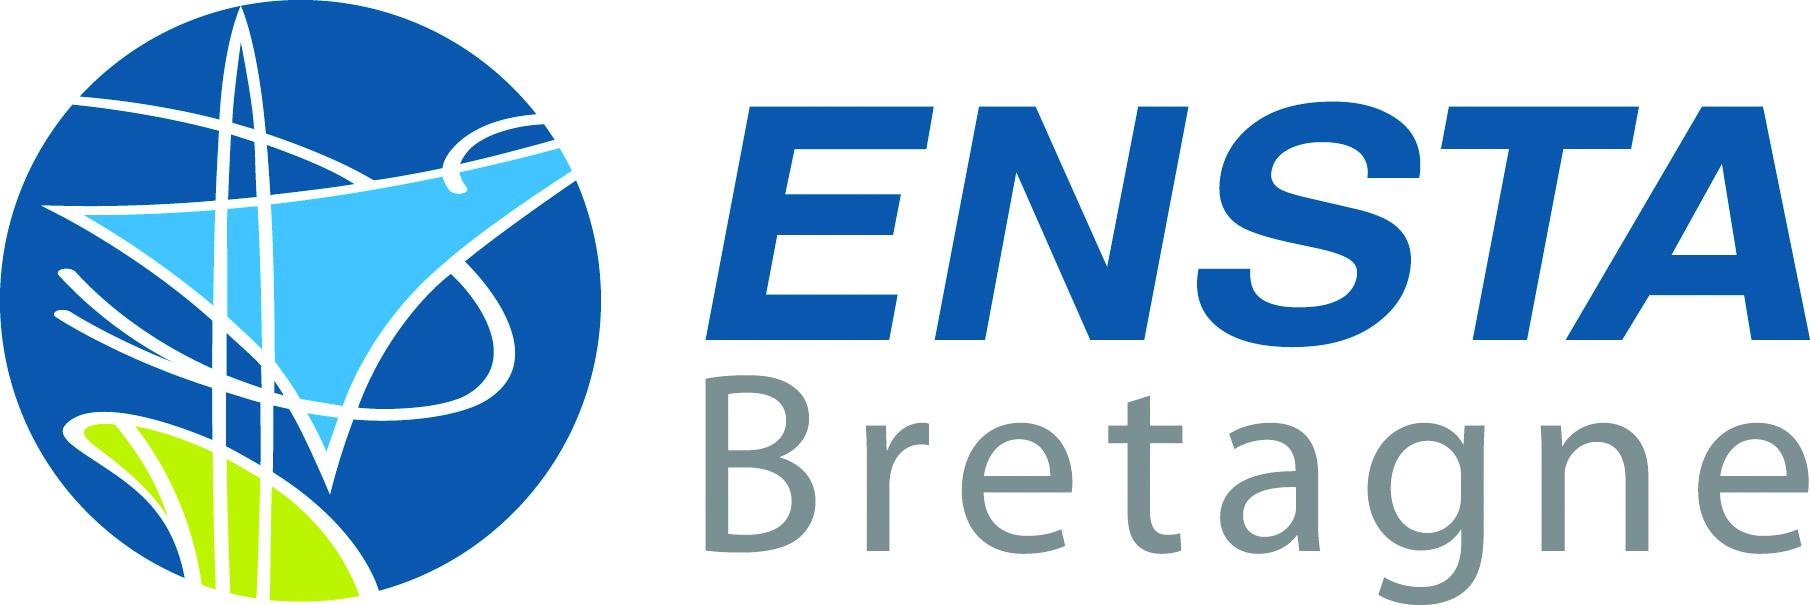 ENSTA Bretagne ouvre un nouveau mastère spécialisé dédié au  « Management de projets maritimes »